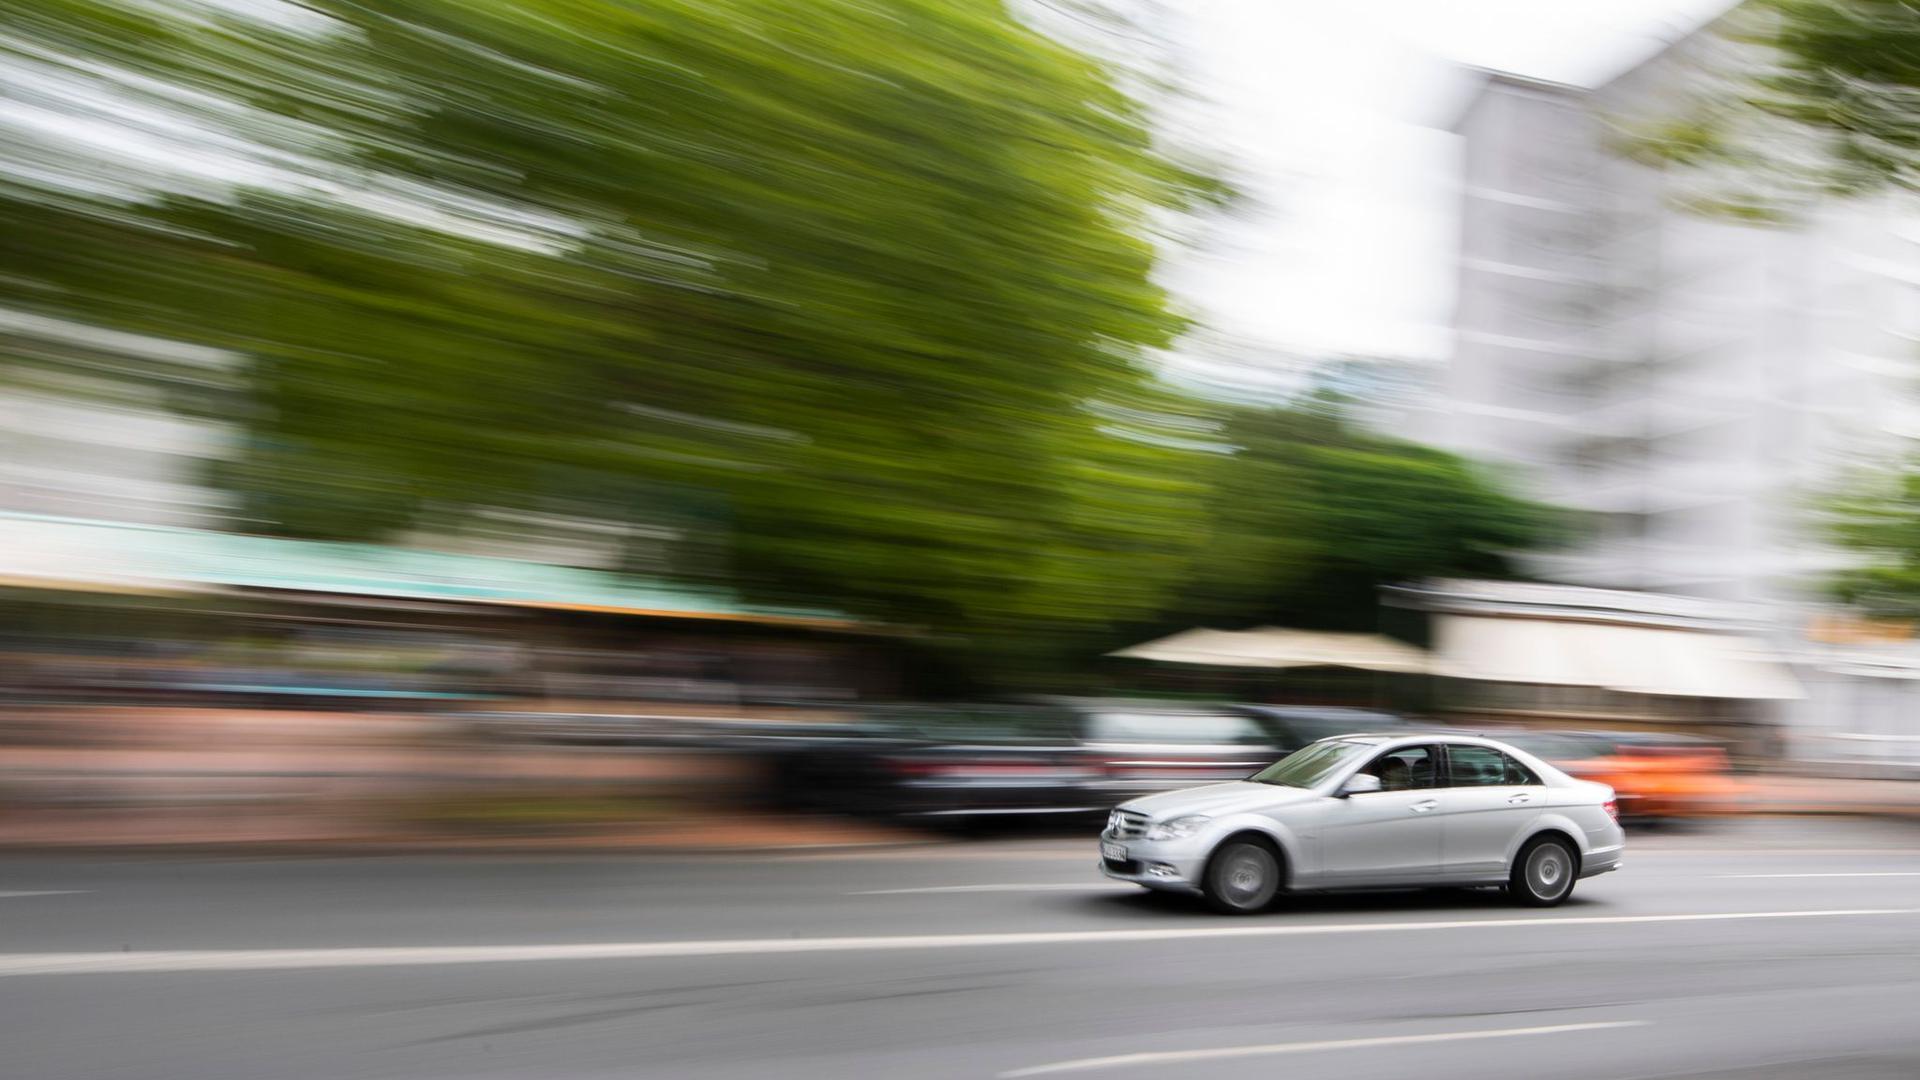 Streit vor Bundesratssitzung: Die verschärften Strafen für zu schnelles Fahren könnten abgemildert werden.